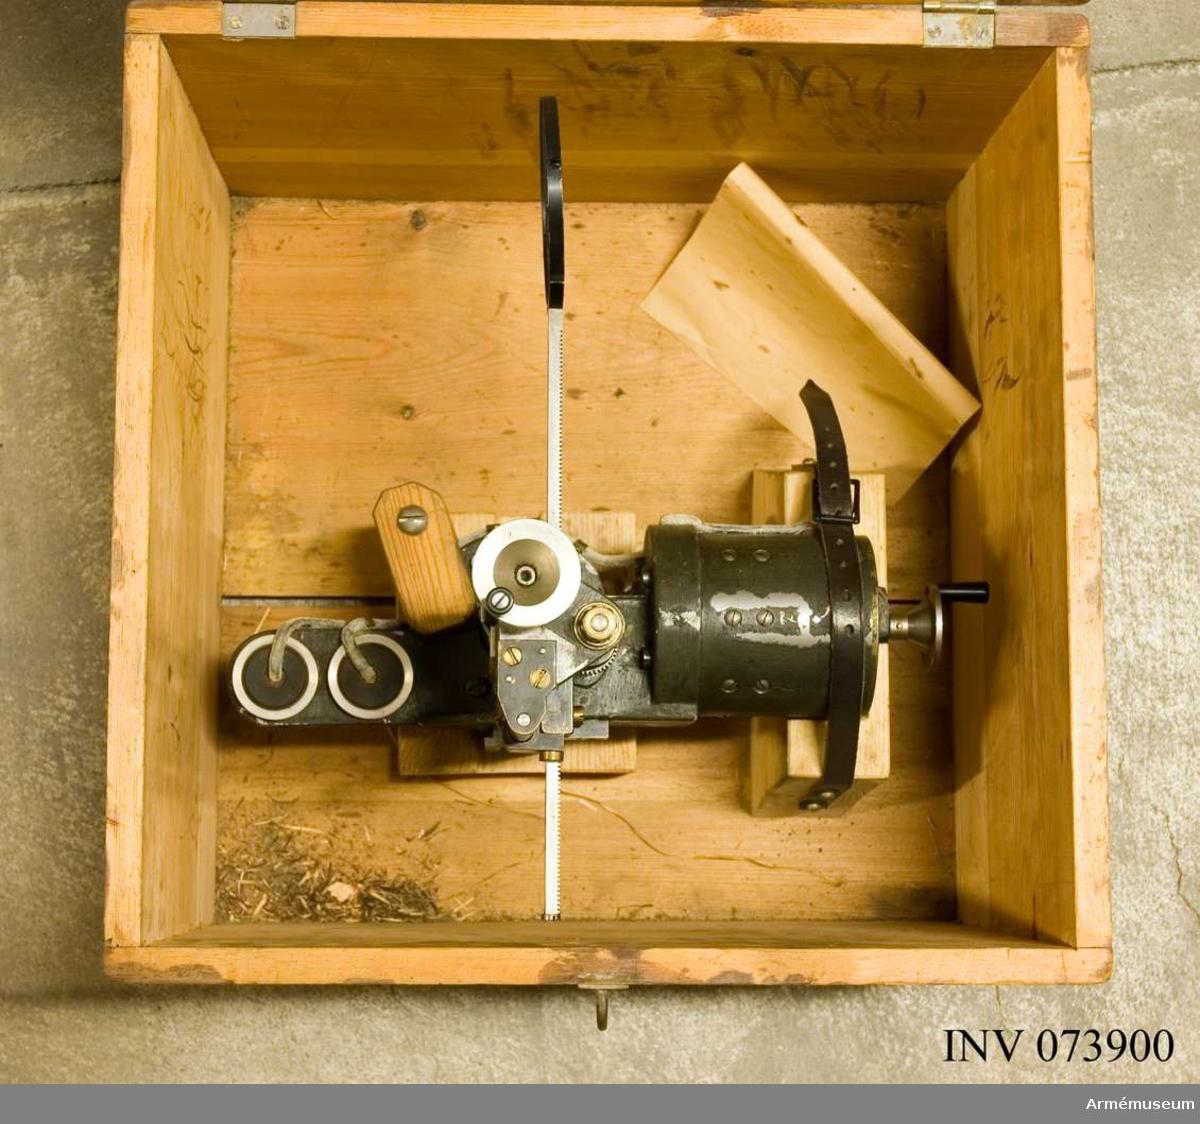 Grupp F.III. Riktinstrument bestående av: 1. Cirkelkorn med motor och samh. låda. 2. Sikte. 3. Sändare 2.st. i låda. 4. Accumulator i låda. 5-7. Kablar med anslutningar.